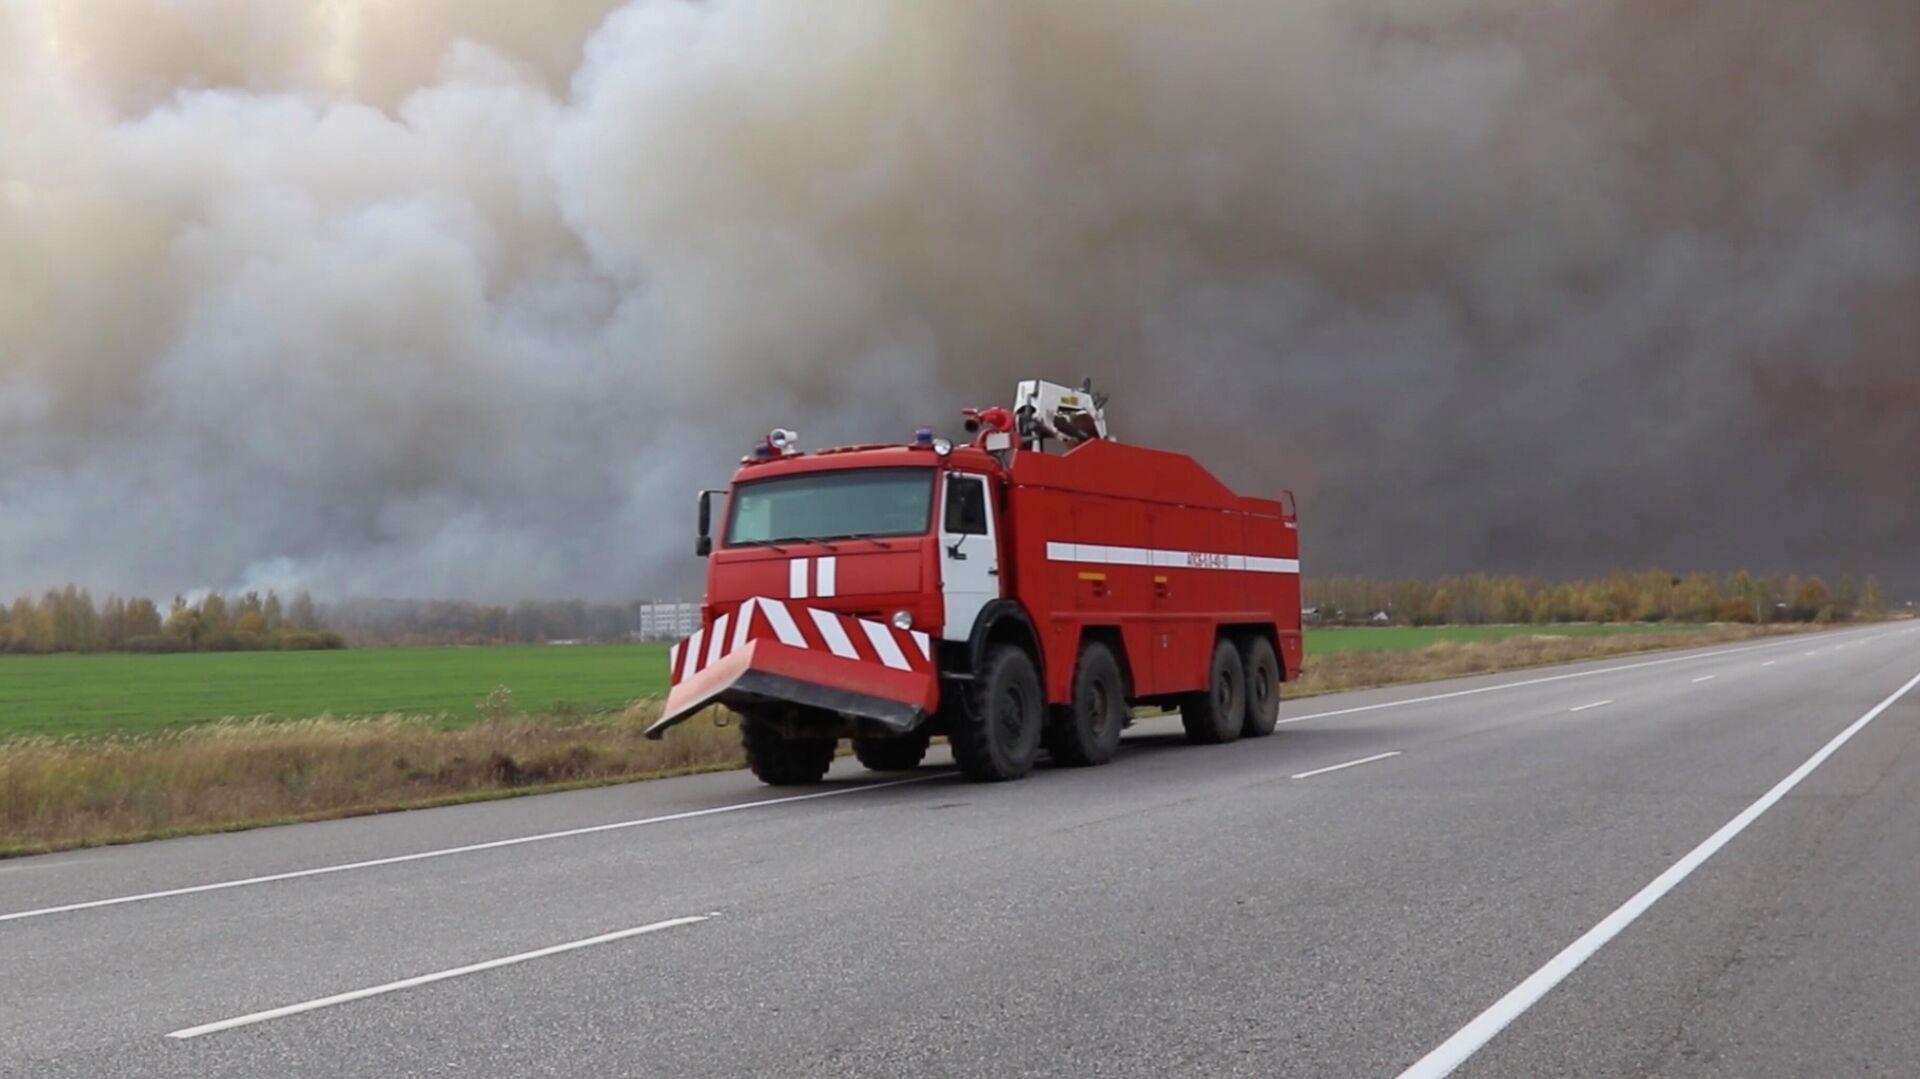 Пожар на складе под Рязанью локализовали